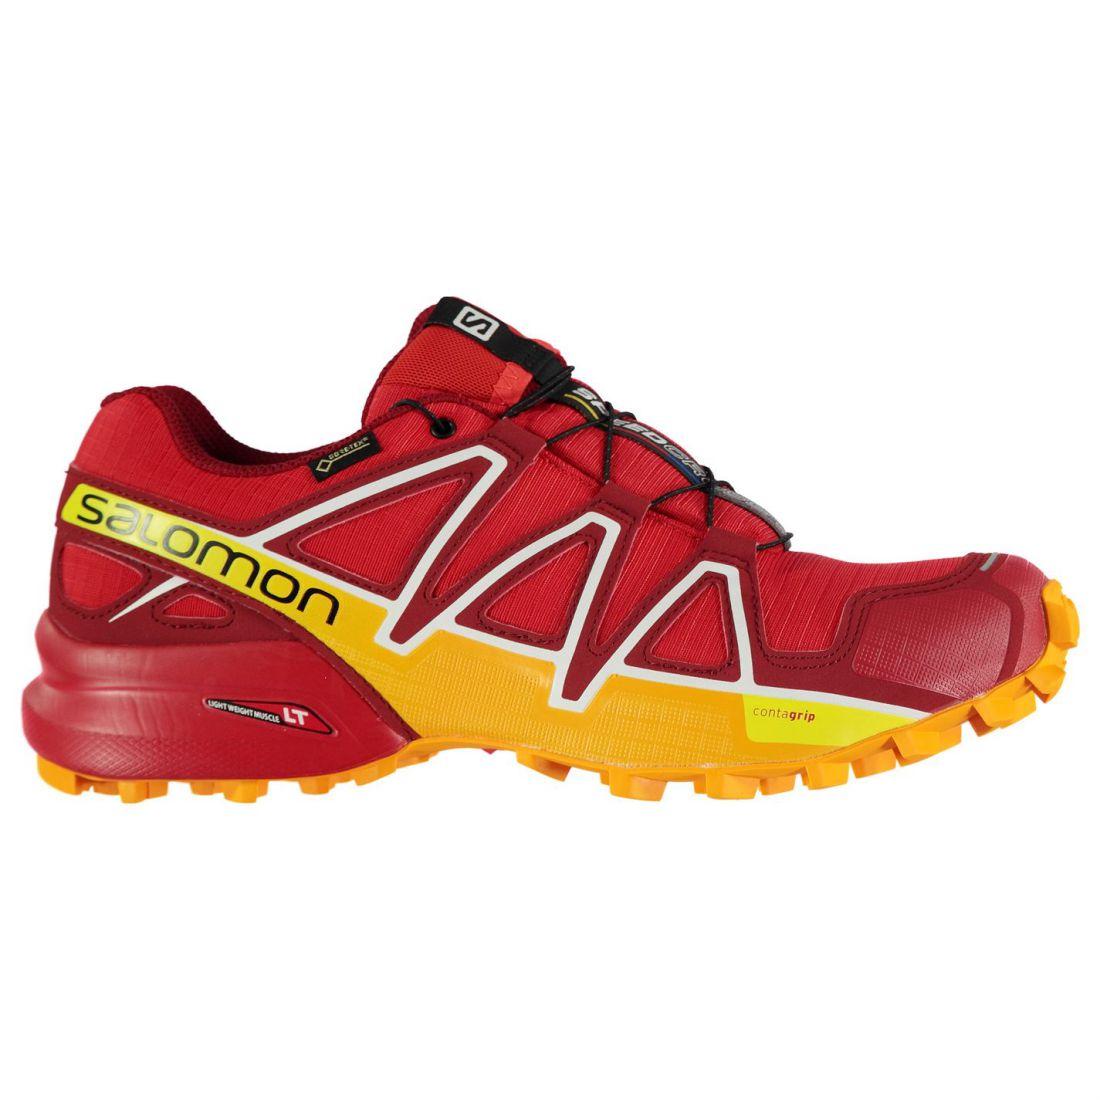 salomon speedcross 4 size 8 xxl